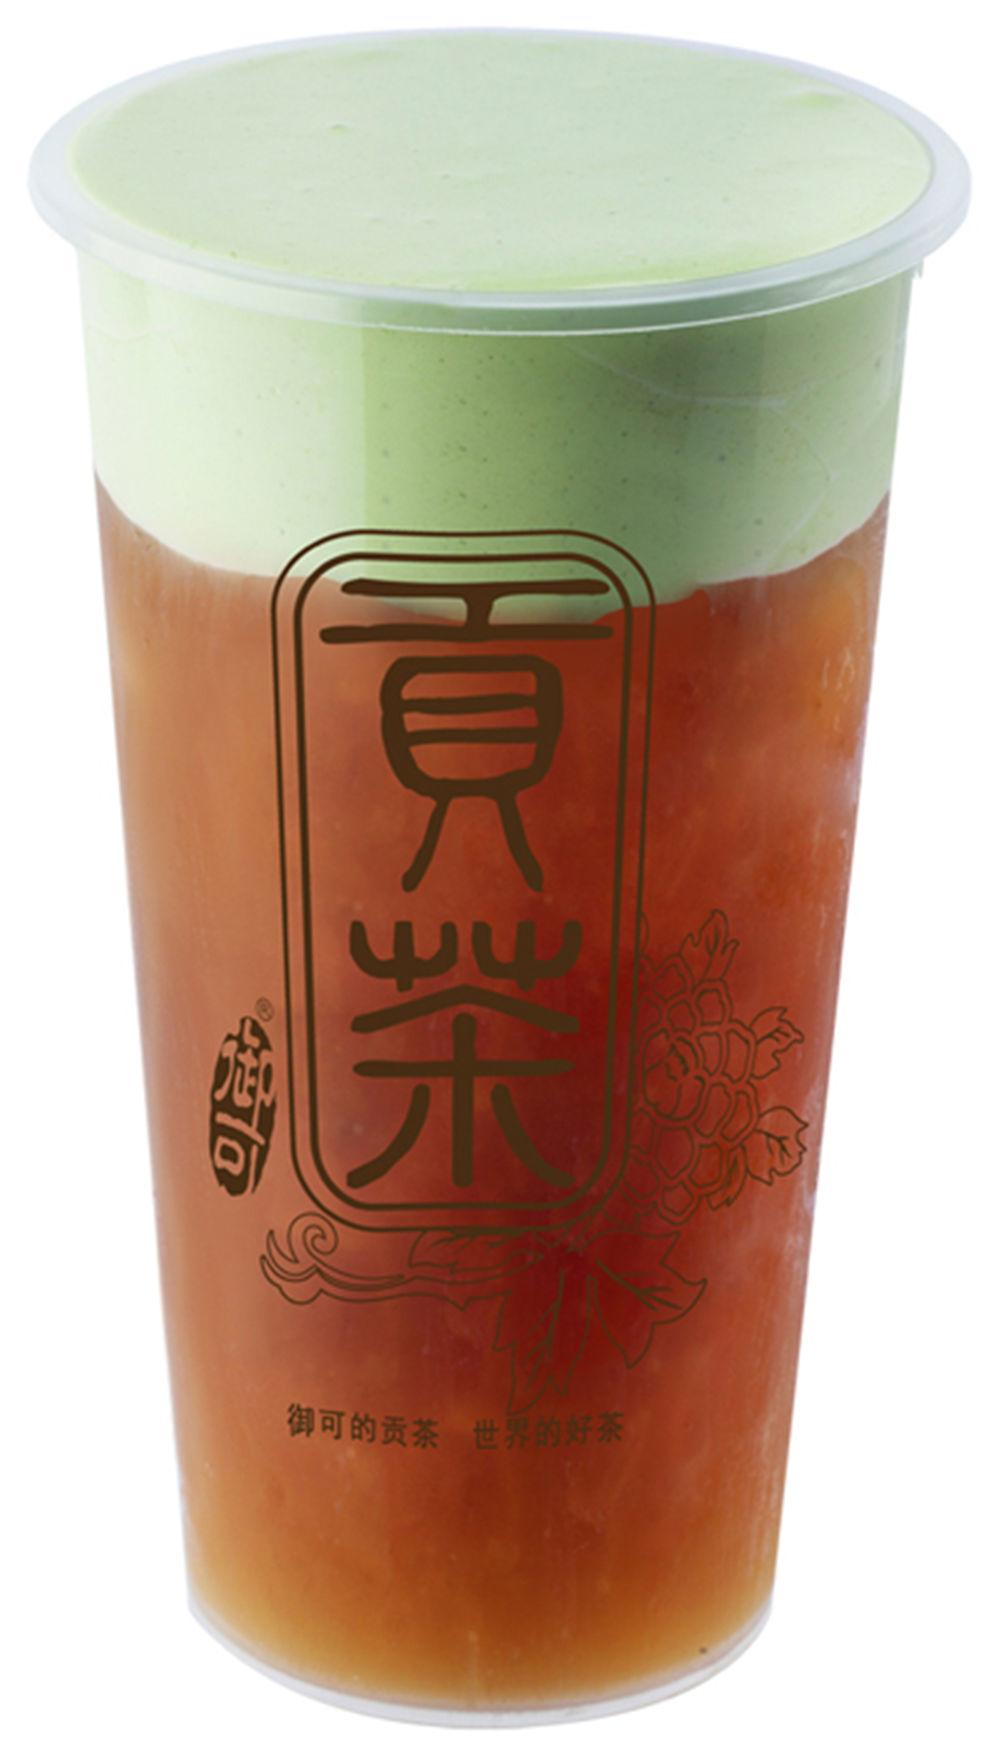 【招牌奶盖茶】抹茶奶盖茶